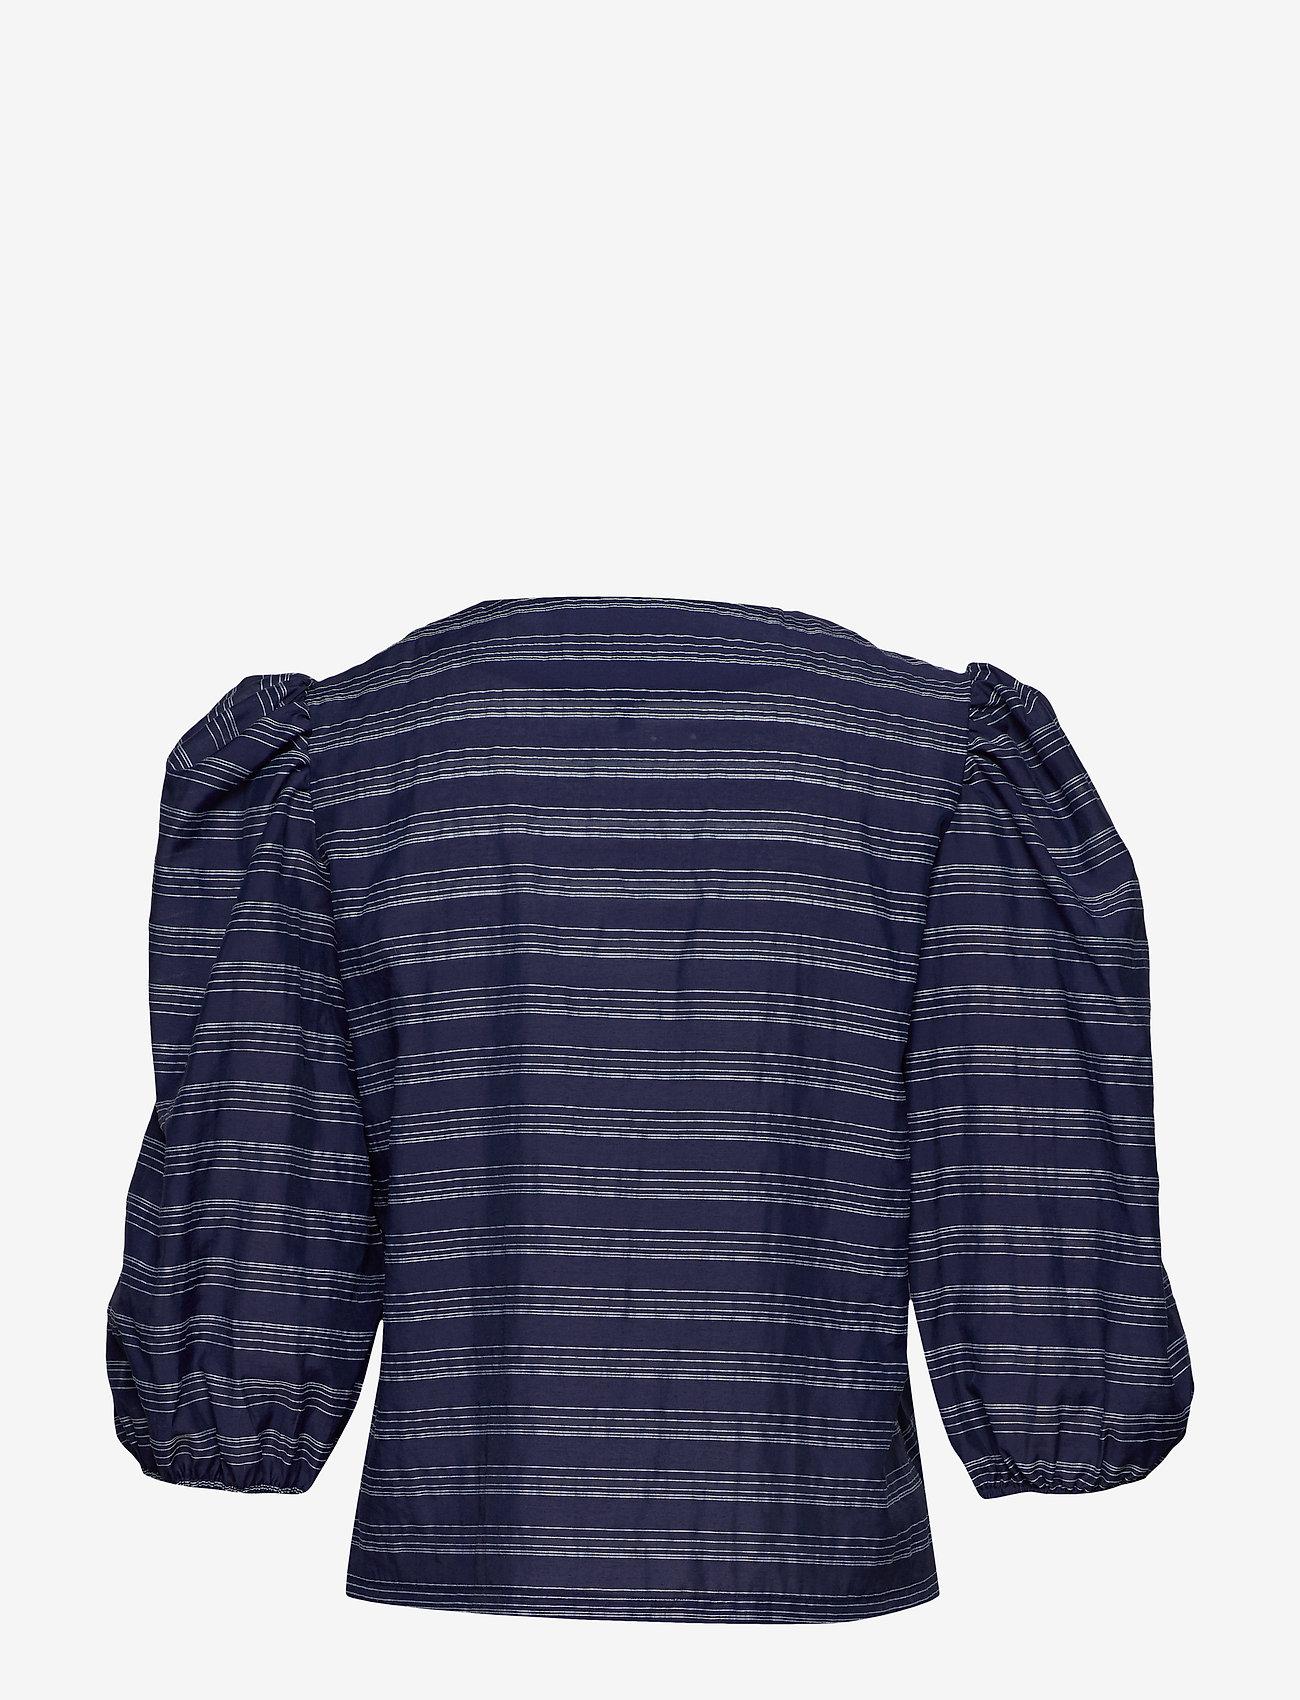 Résumé Sheila Blouse - Blouses & Shirts